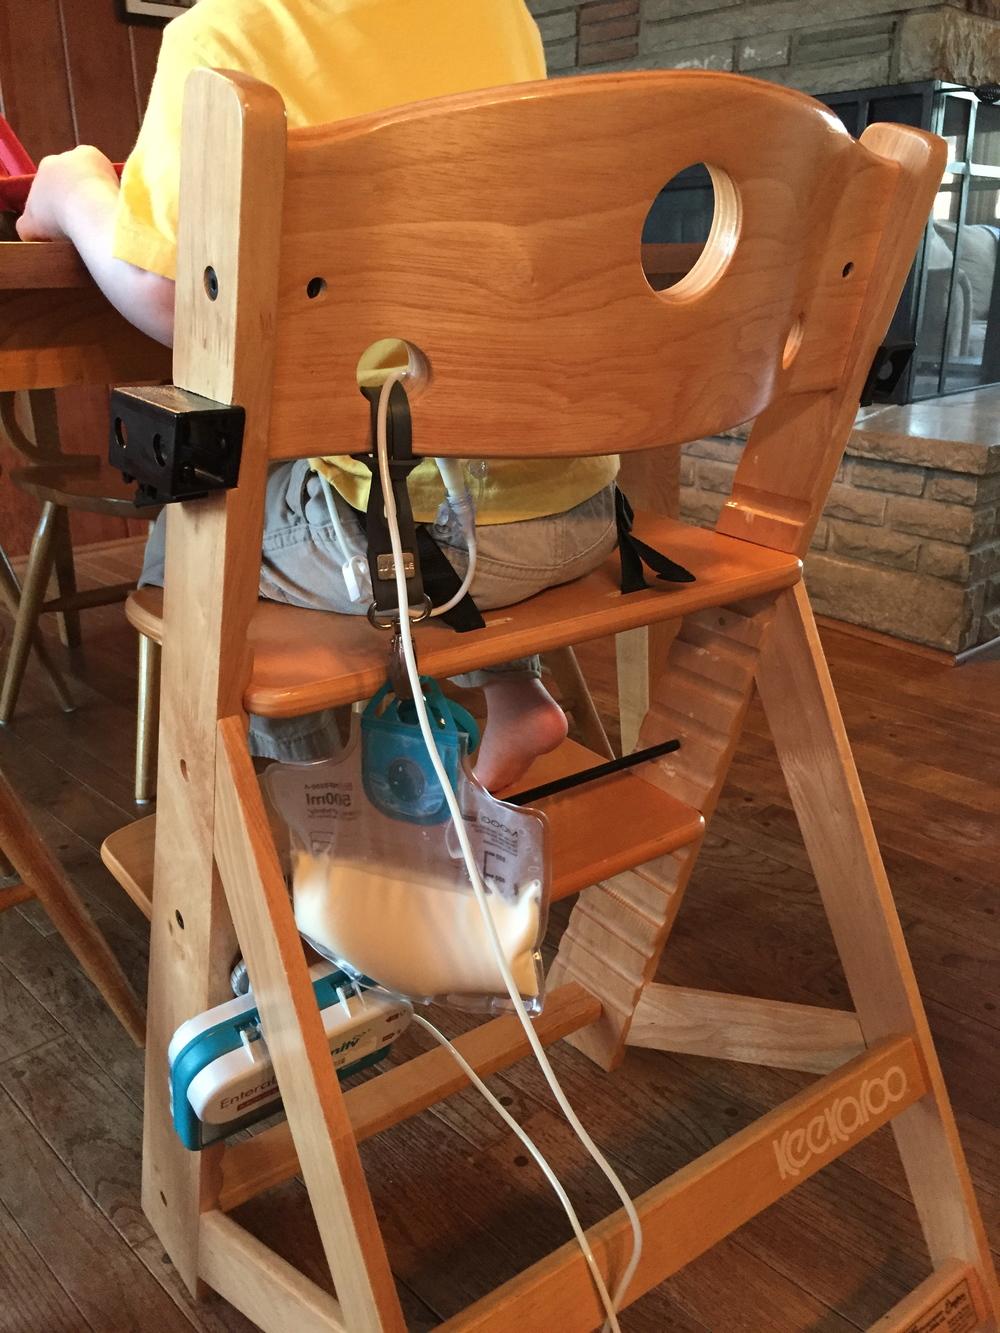 Oral pleasure chair photo 202